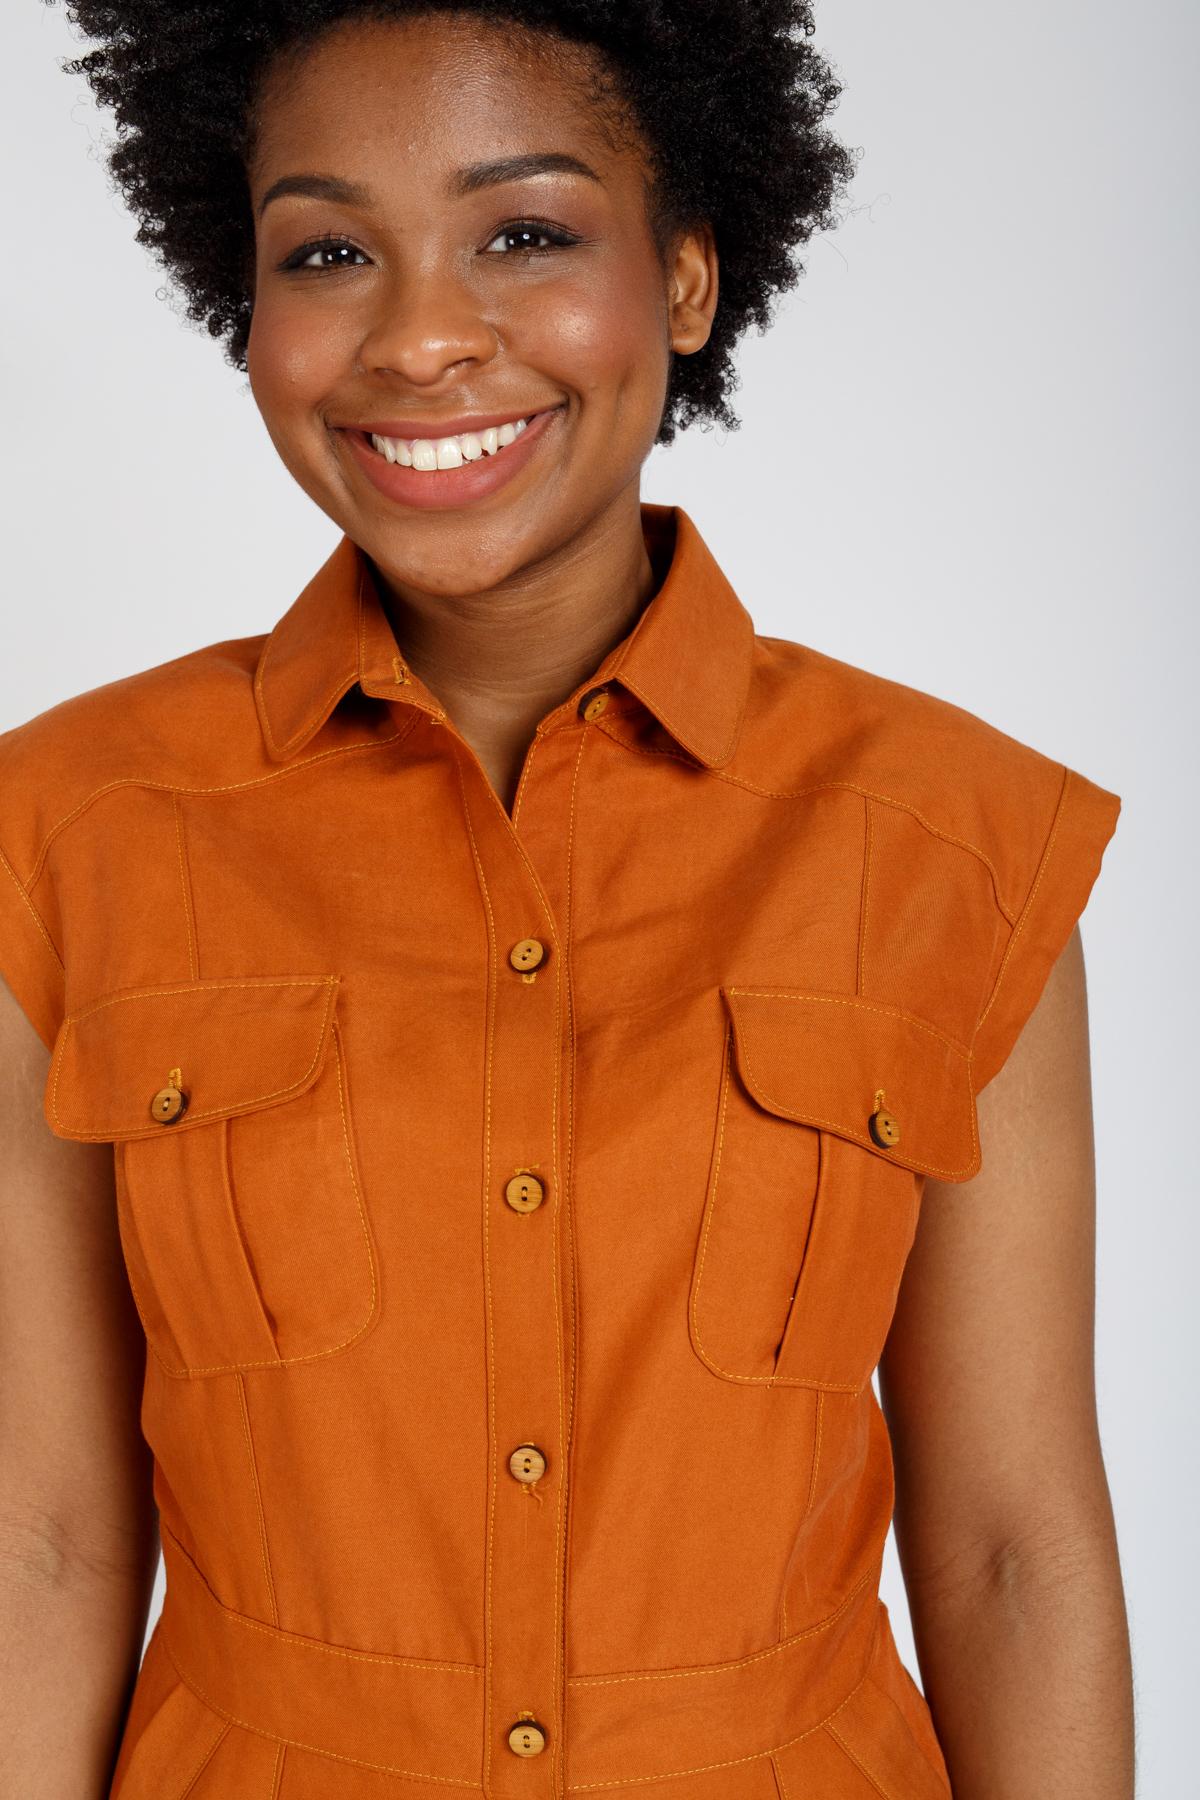 Introducing the Matilda dress sewing pattern, a modern utility shirt dress | Megan Nielsen Patterns Blog